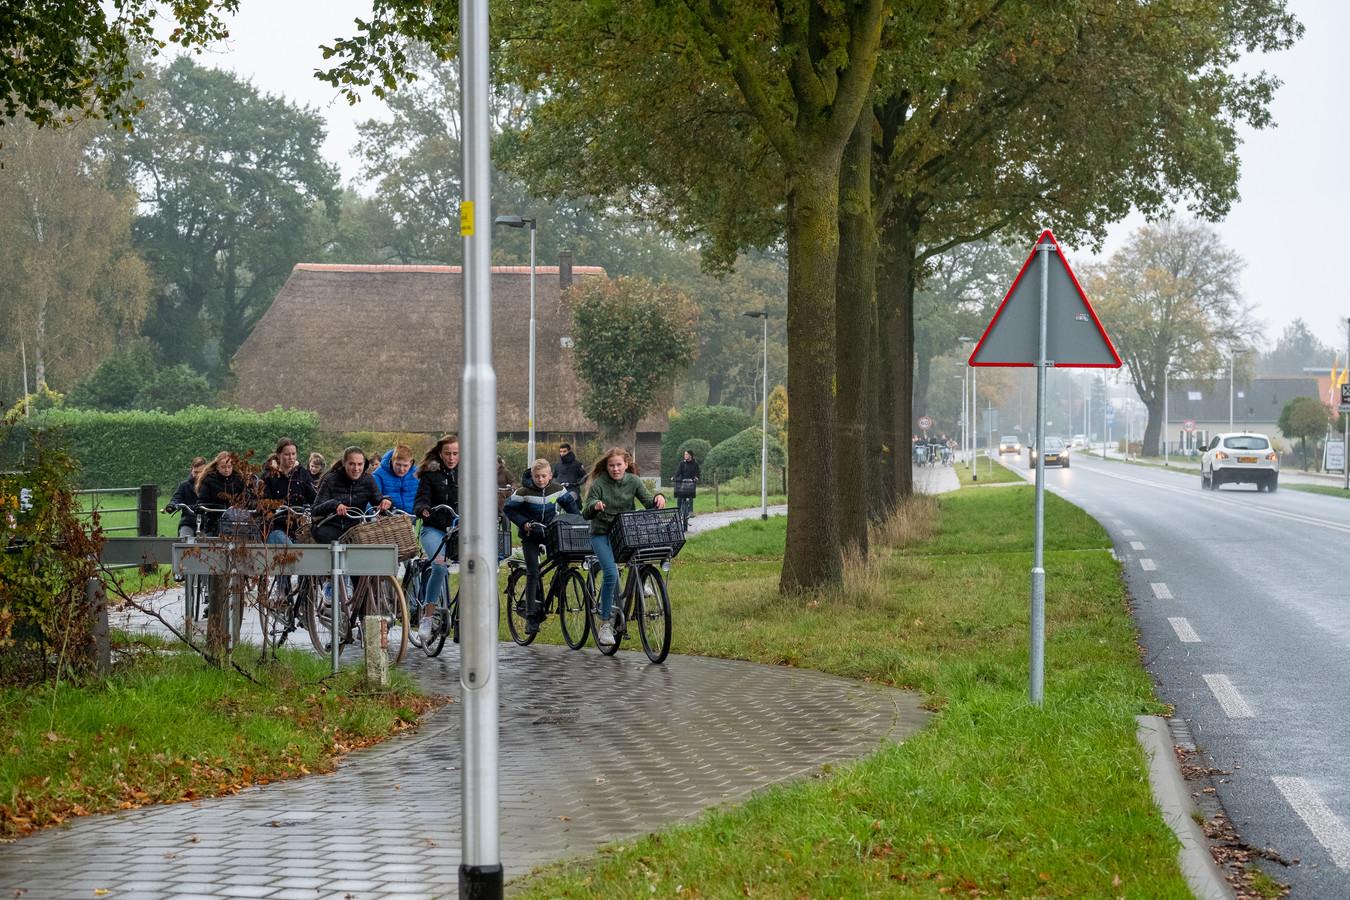 Het vernieuwde fietspad langs de Heerderweg is te smal en te bochtig. Daardoor is het ongeschikt voor de grote snelheidsverschillen die in de toekomst worden verwacht tussen fietsers. Dus denkt wethouder Robert Scholten dat het gloednieuwe pad opnieuw op de schop moet.